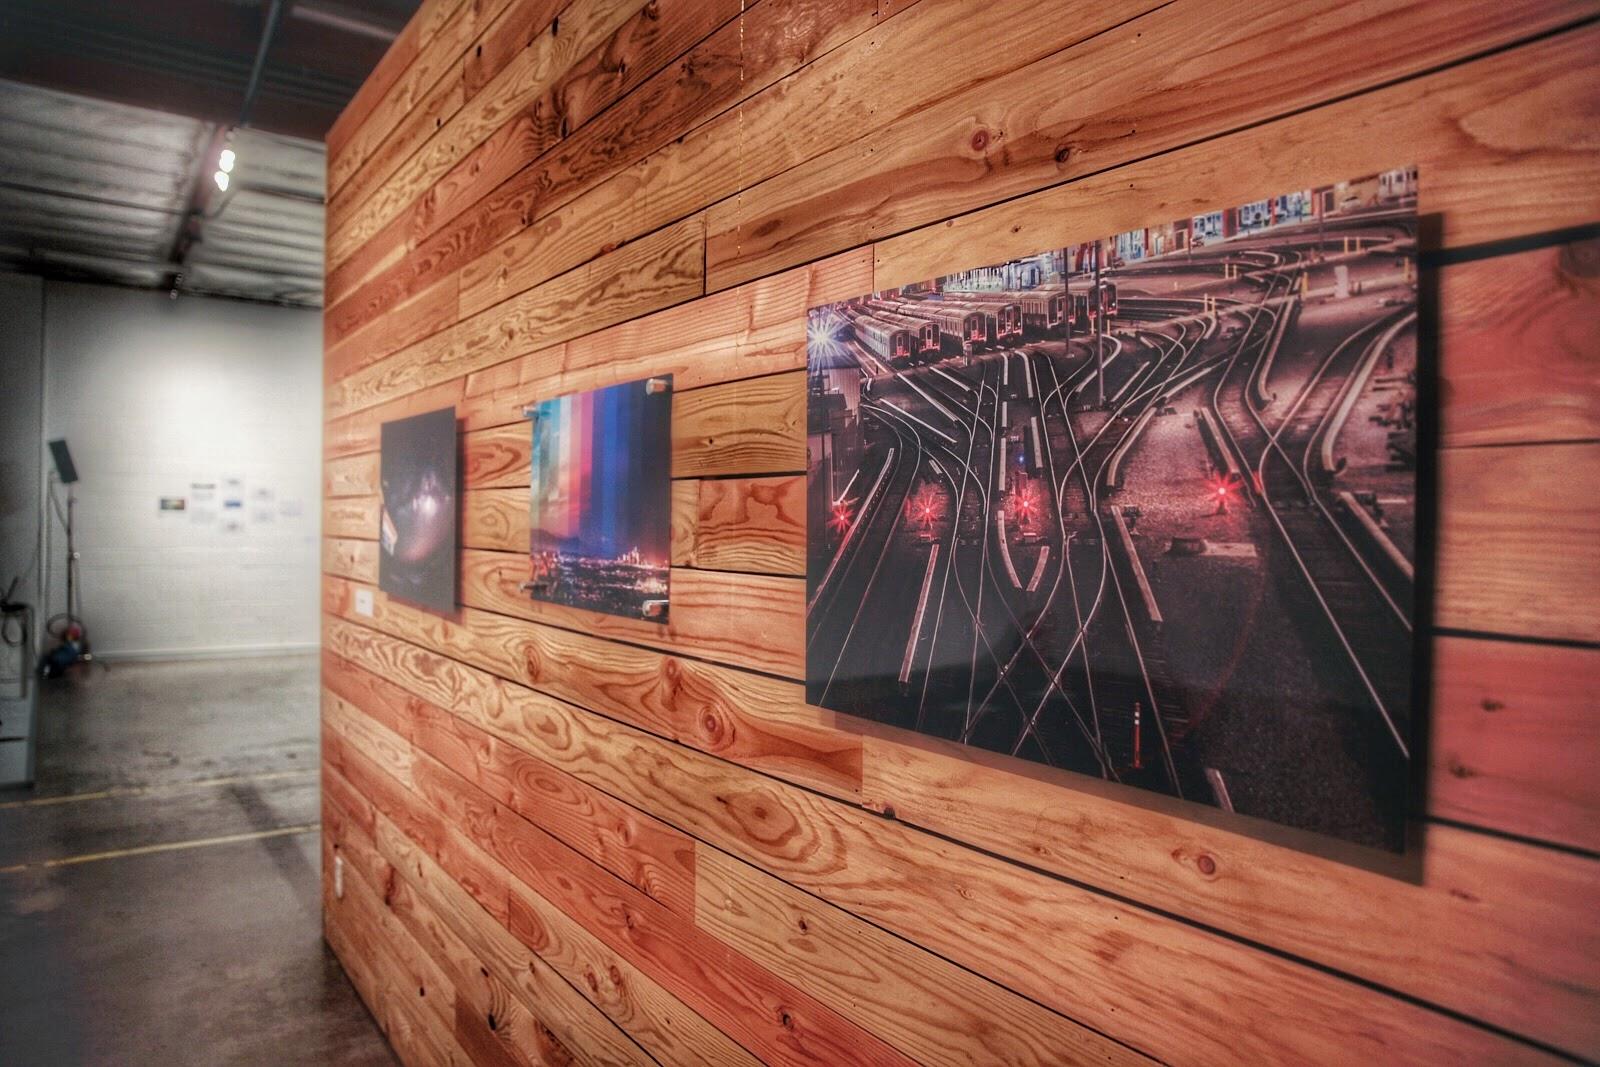 Gallery Aluminum Prints on display in Los Angeles